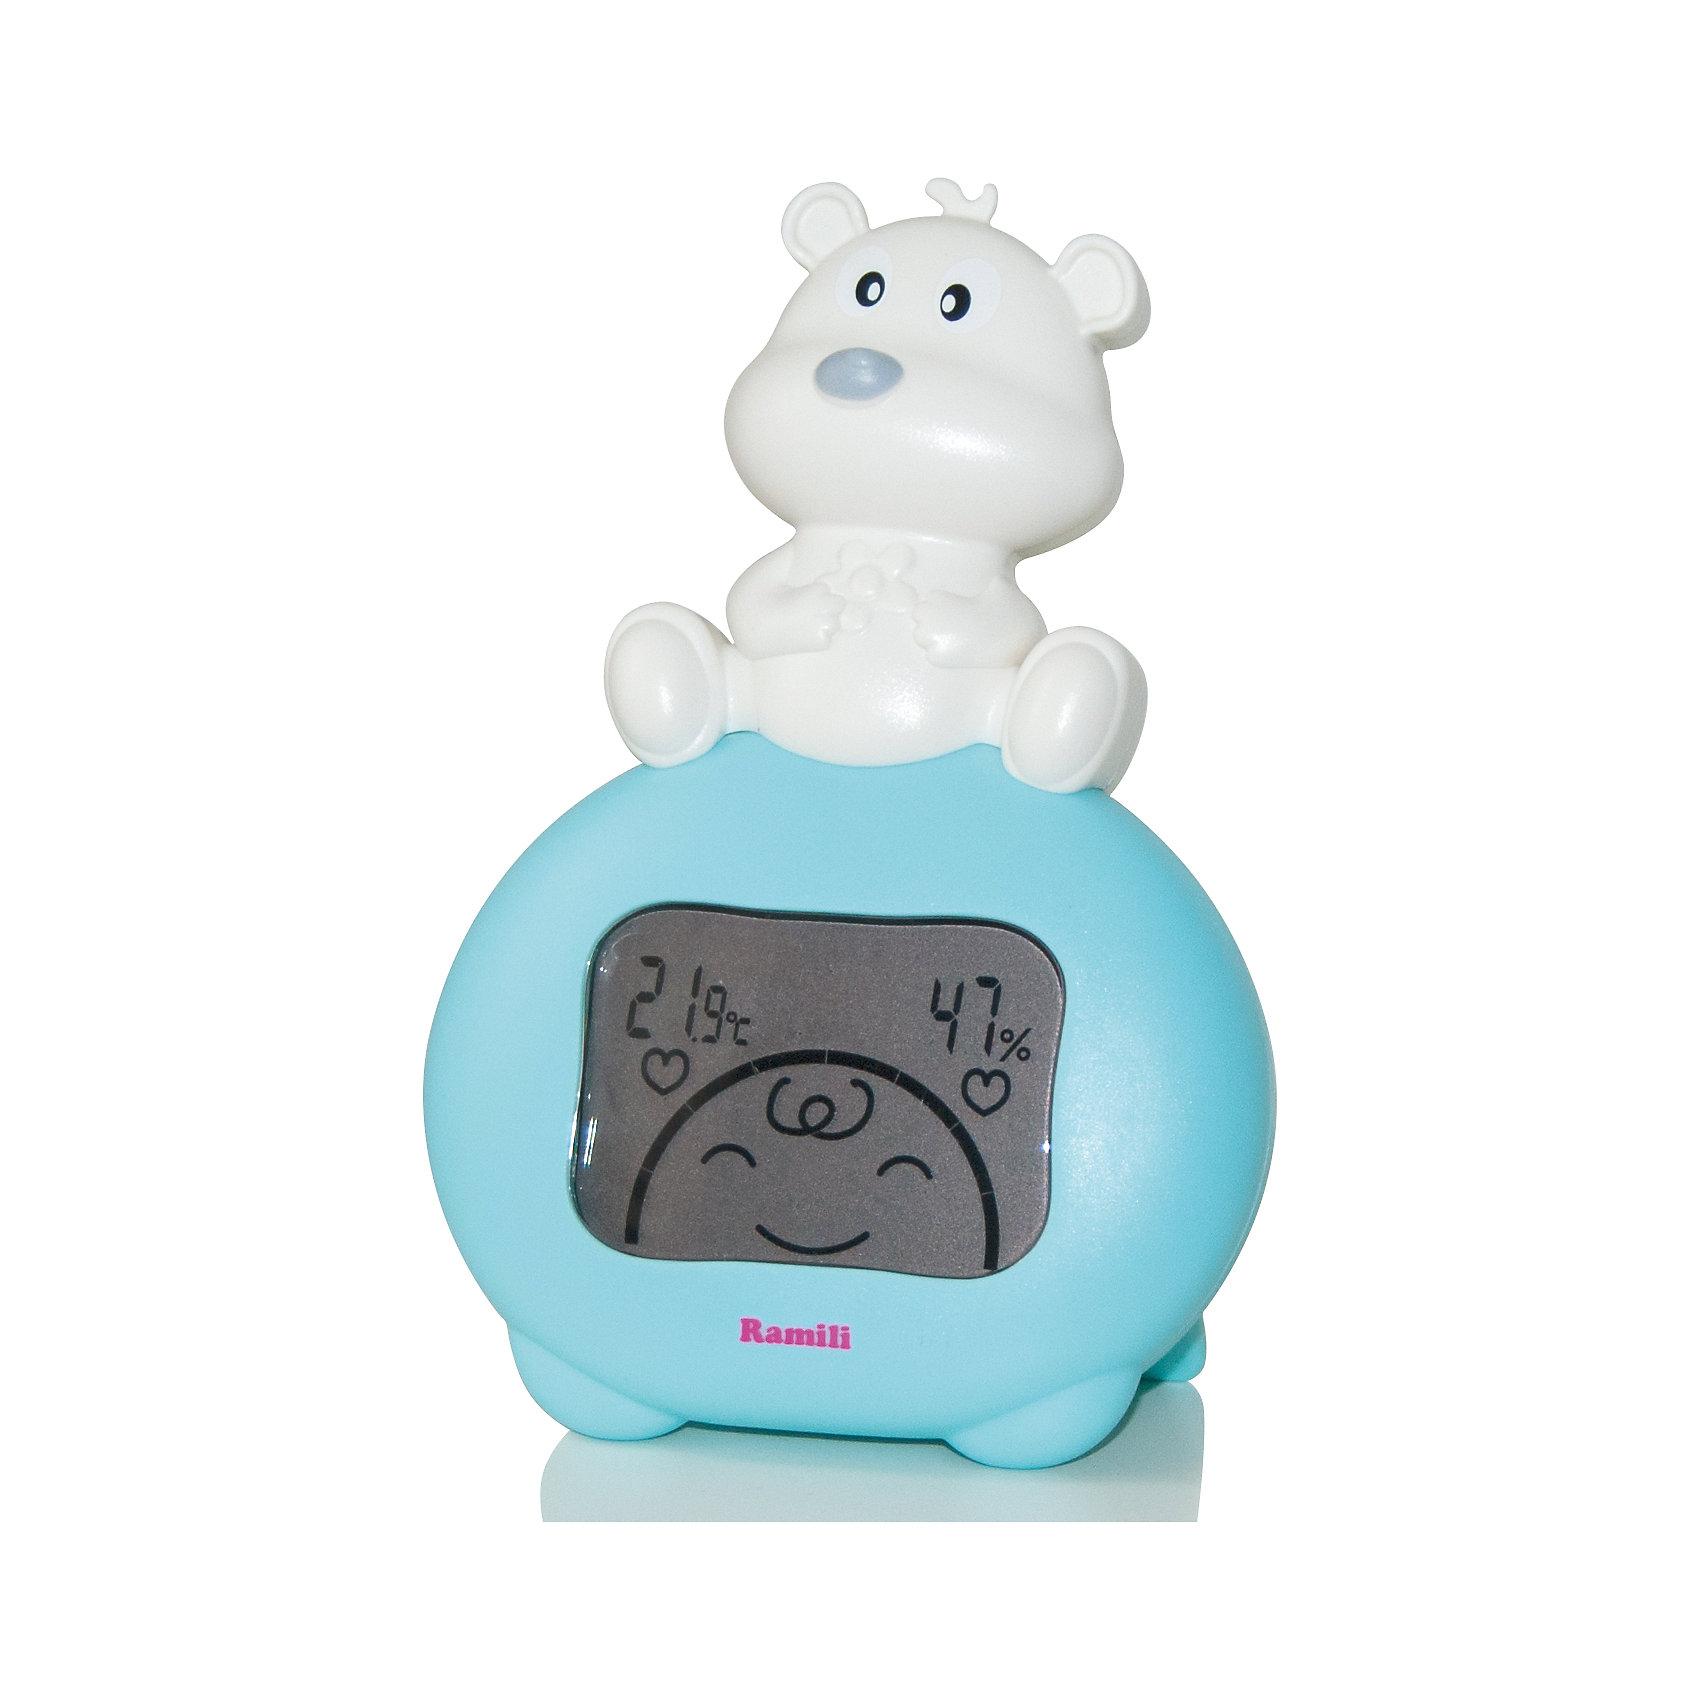 Термометр и гигрометр для детской комнаты Baby ET1003 RamiliТермометры<br>Устройство отображает температуру и относительную влажность воздуха в детской комнате. Имеет встроенный емкий  аккумулятор, который подзаряжается при подключении к розетке. Выполнен в форме забавного мишки, поэтому прекрасно впишется в интерьер любой детской комнаты и понравится малышам. <br><br>Дополнительная информация:<br><br>- Диапазон температур от 0С до +50С. <br>- Диапазон влажности от 20% до 90%. <br>- LCD дисплей. <br><br>Термометр и гигрометр для детской комнаты Baby ET1003 Ramili  можно купить в нашем магазине.<br><br>Ширина мм: 120<br>Глубина мм: 60<br>Высота мм: 110<br>Вес г: 200<br>Возраст от месяцев: 0<br>Возраст до месяцев: 36<br>Пол: Унисекс<br>Возраст: Детский<br>SKU: 4047530